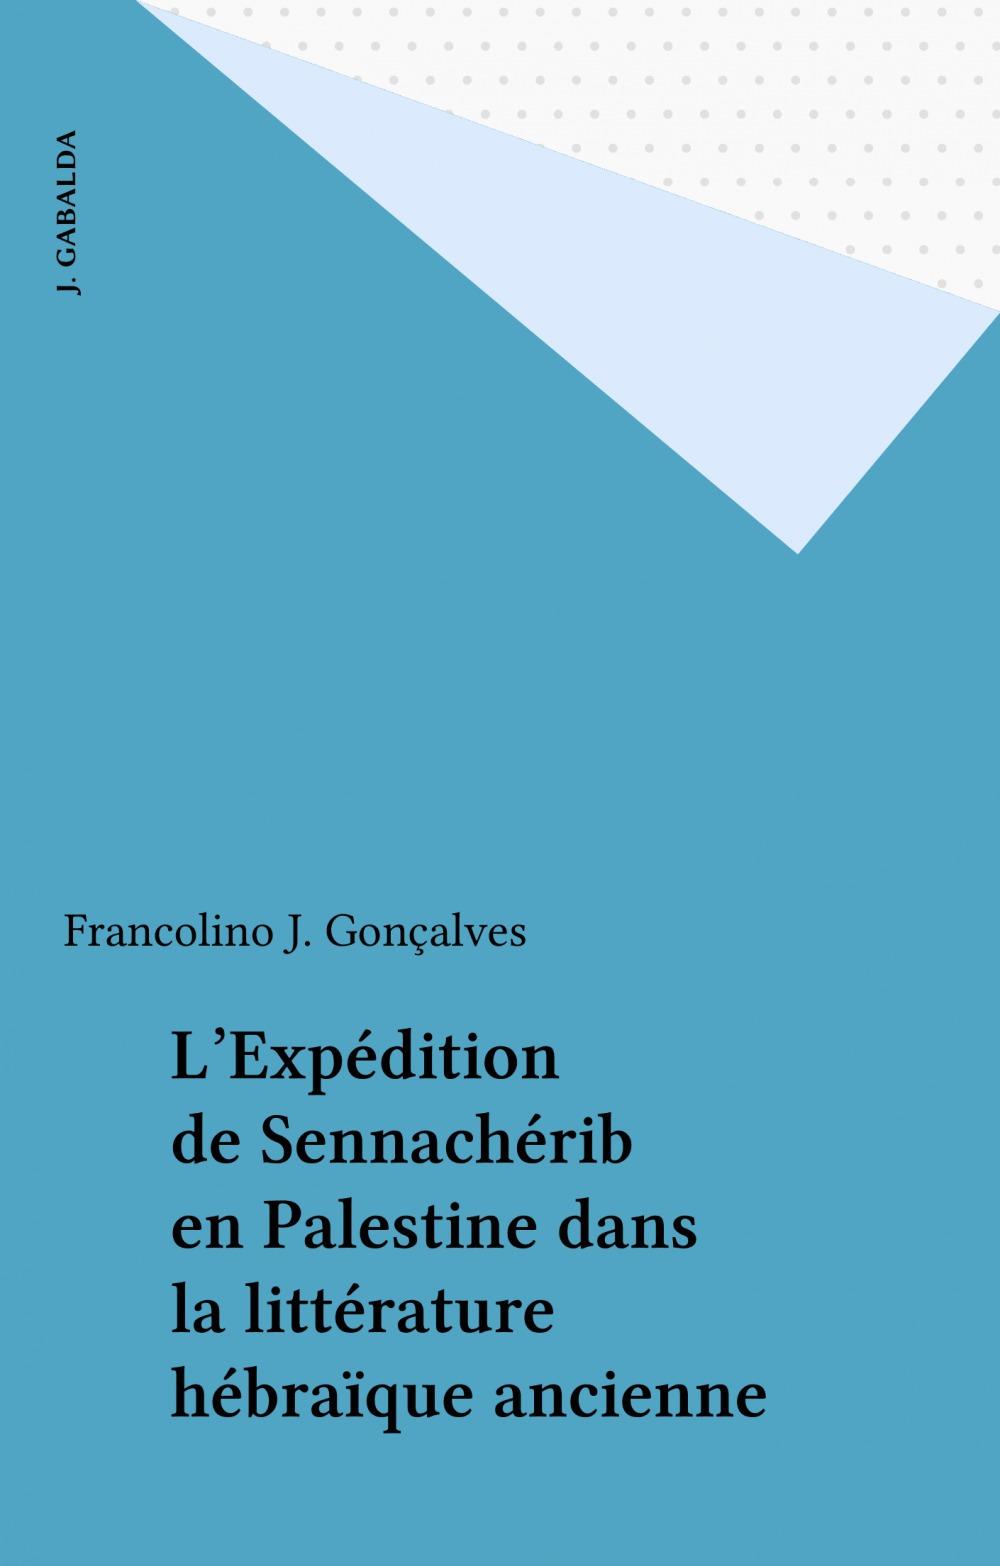 L'Expédition de Sennachérib en Palestine dans la littérature hébraïque ancienne  - Francolino J. Gonçalves